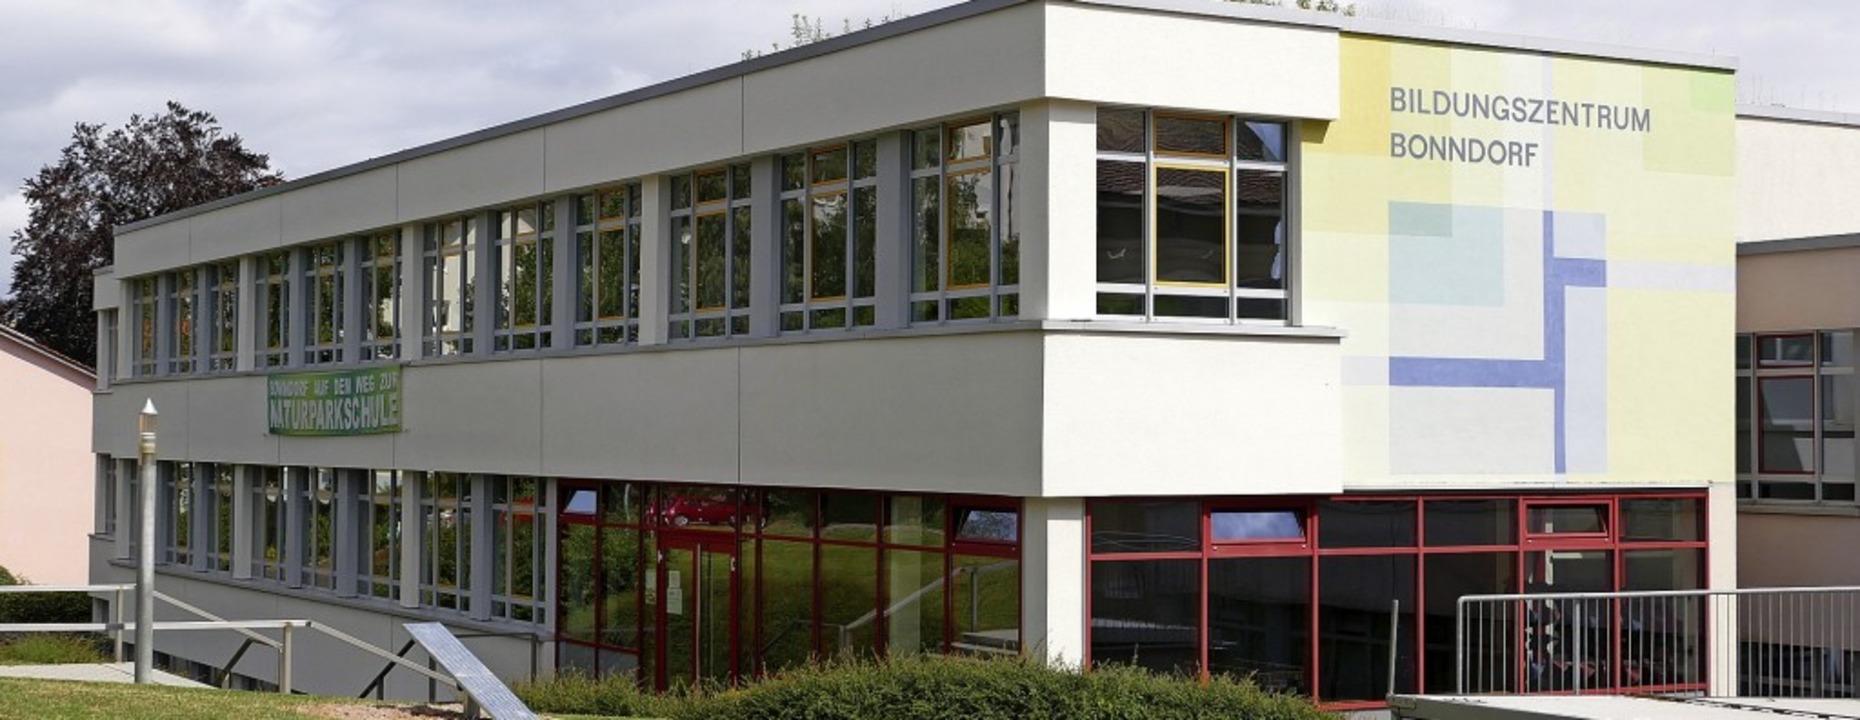 Bauliche Maßnahmen im Realschulgebäude...ig ein modernes Lernen möglich machen.  | Foto: Stefan Limberger-Andris